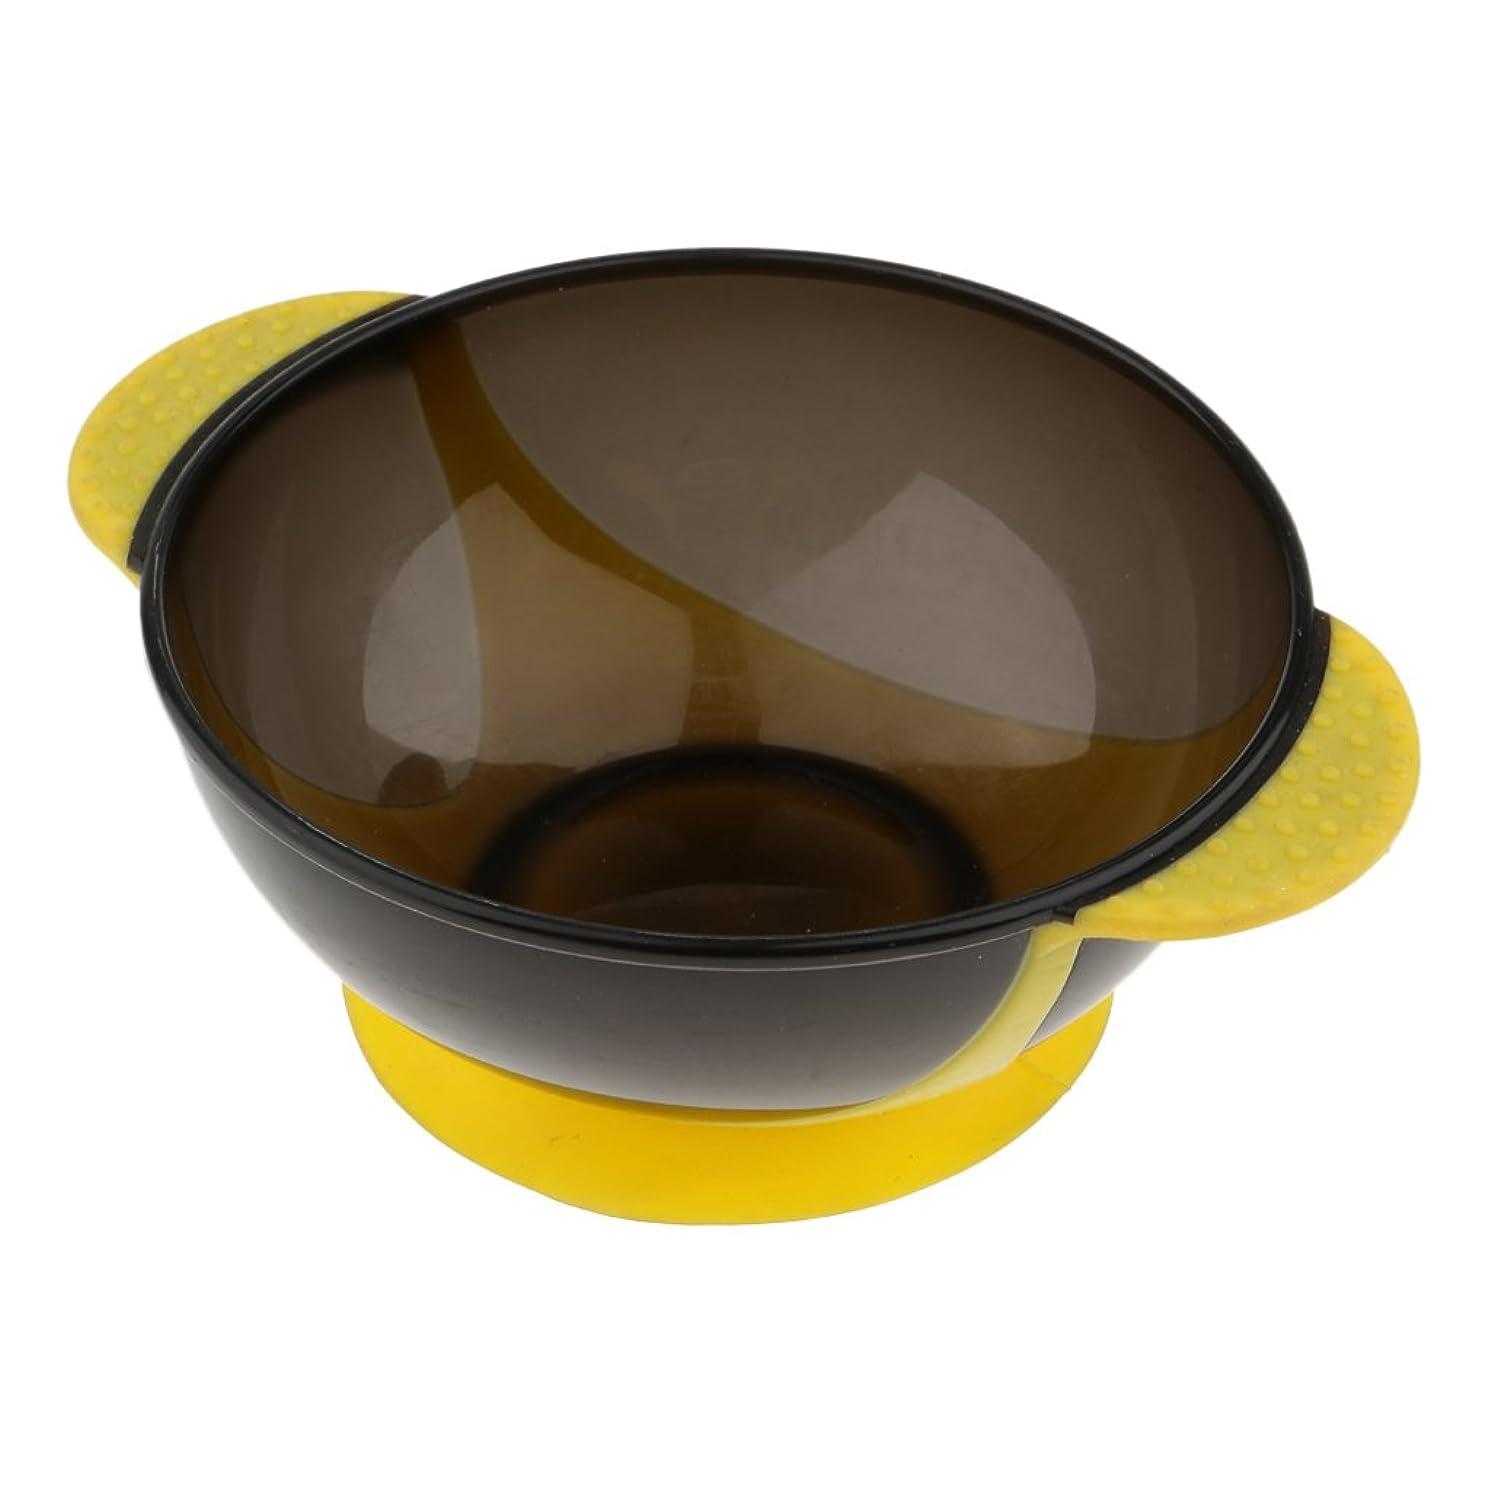 混合した謙虚技術Kesoto ヘアダイボウル ヘアカラー ヘアカラーカップ 髪染め おしゃれ染め プロ 3色選べる - 黄